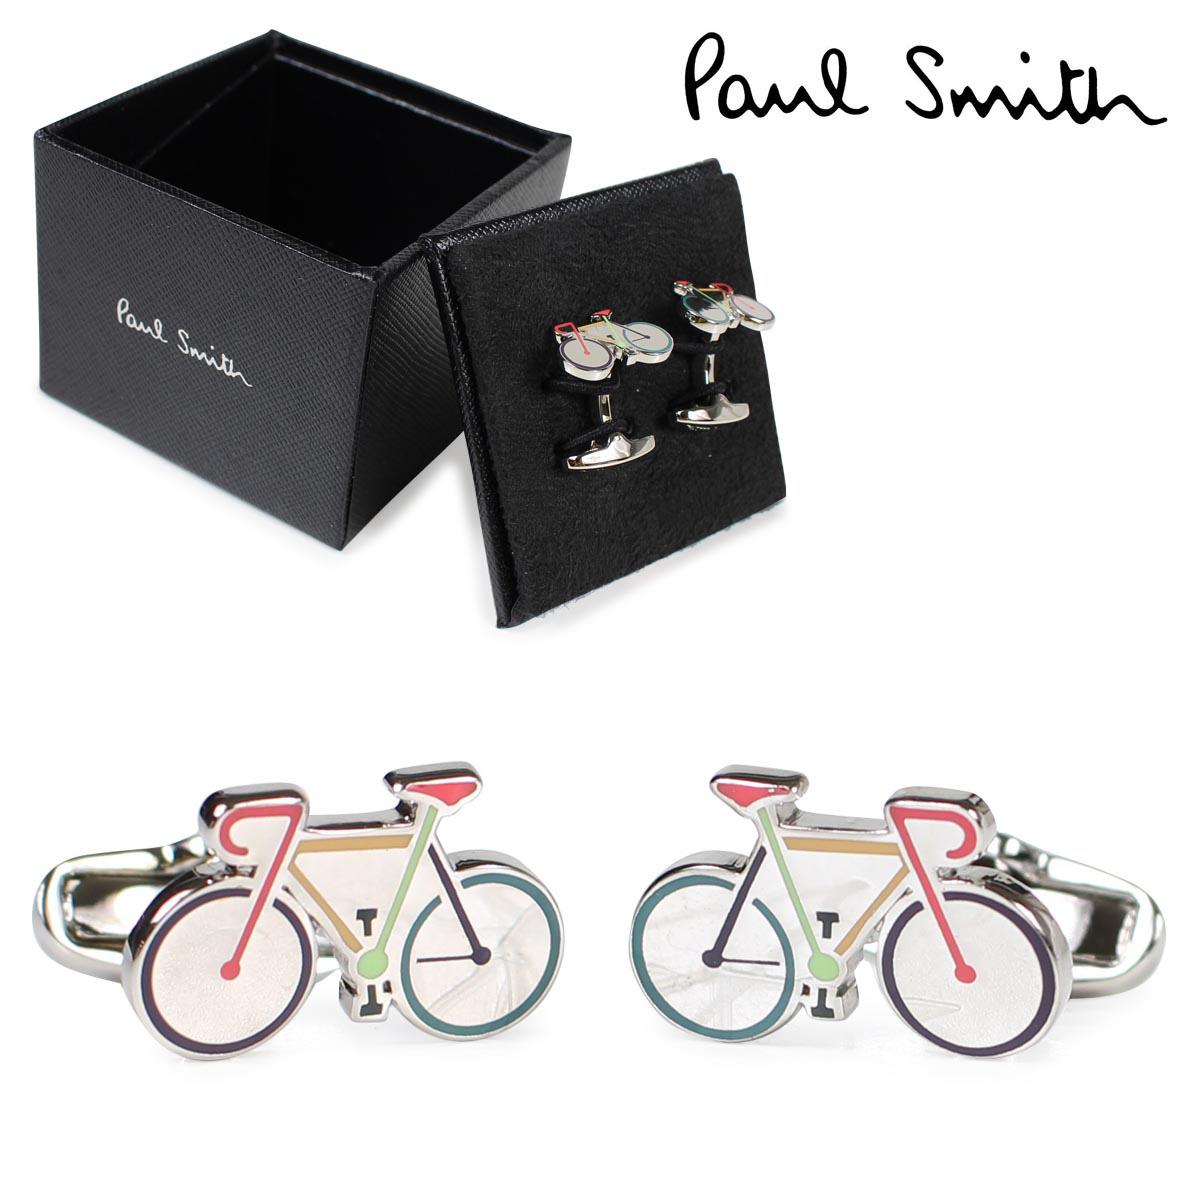 【最大2000円OFFクーポン】 ポールスミス Paul Smith カフス カフスボタン メンズ CUFF LINKS シルバー 結婚式